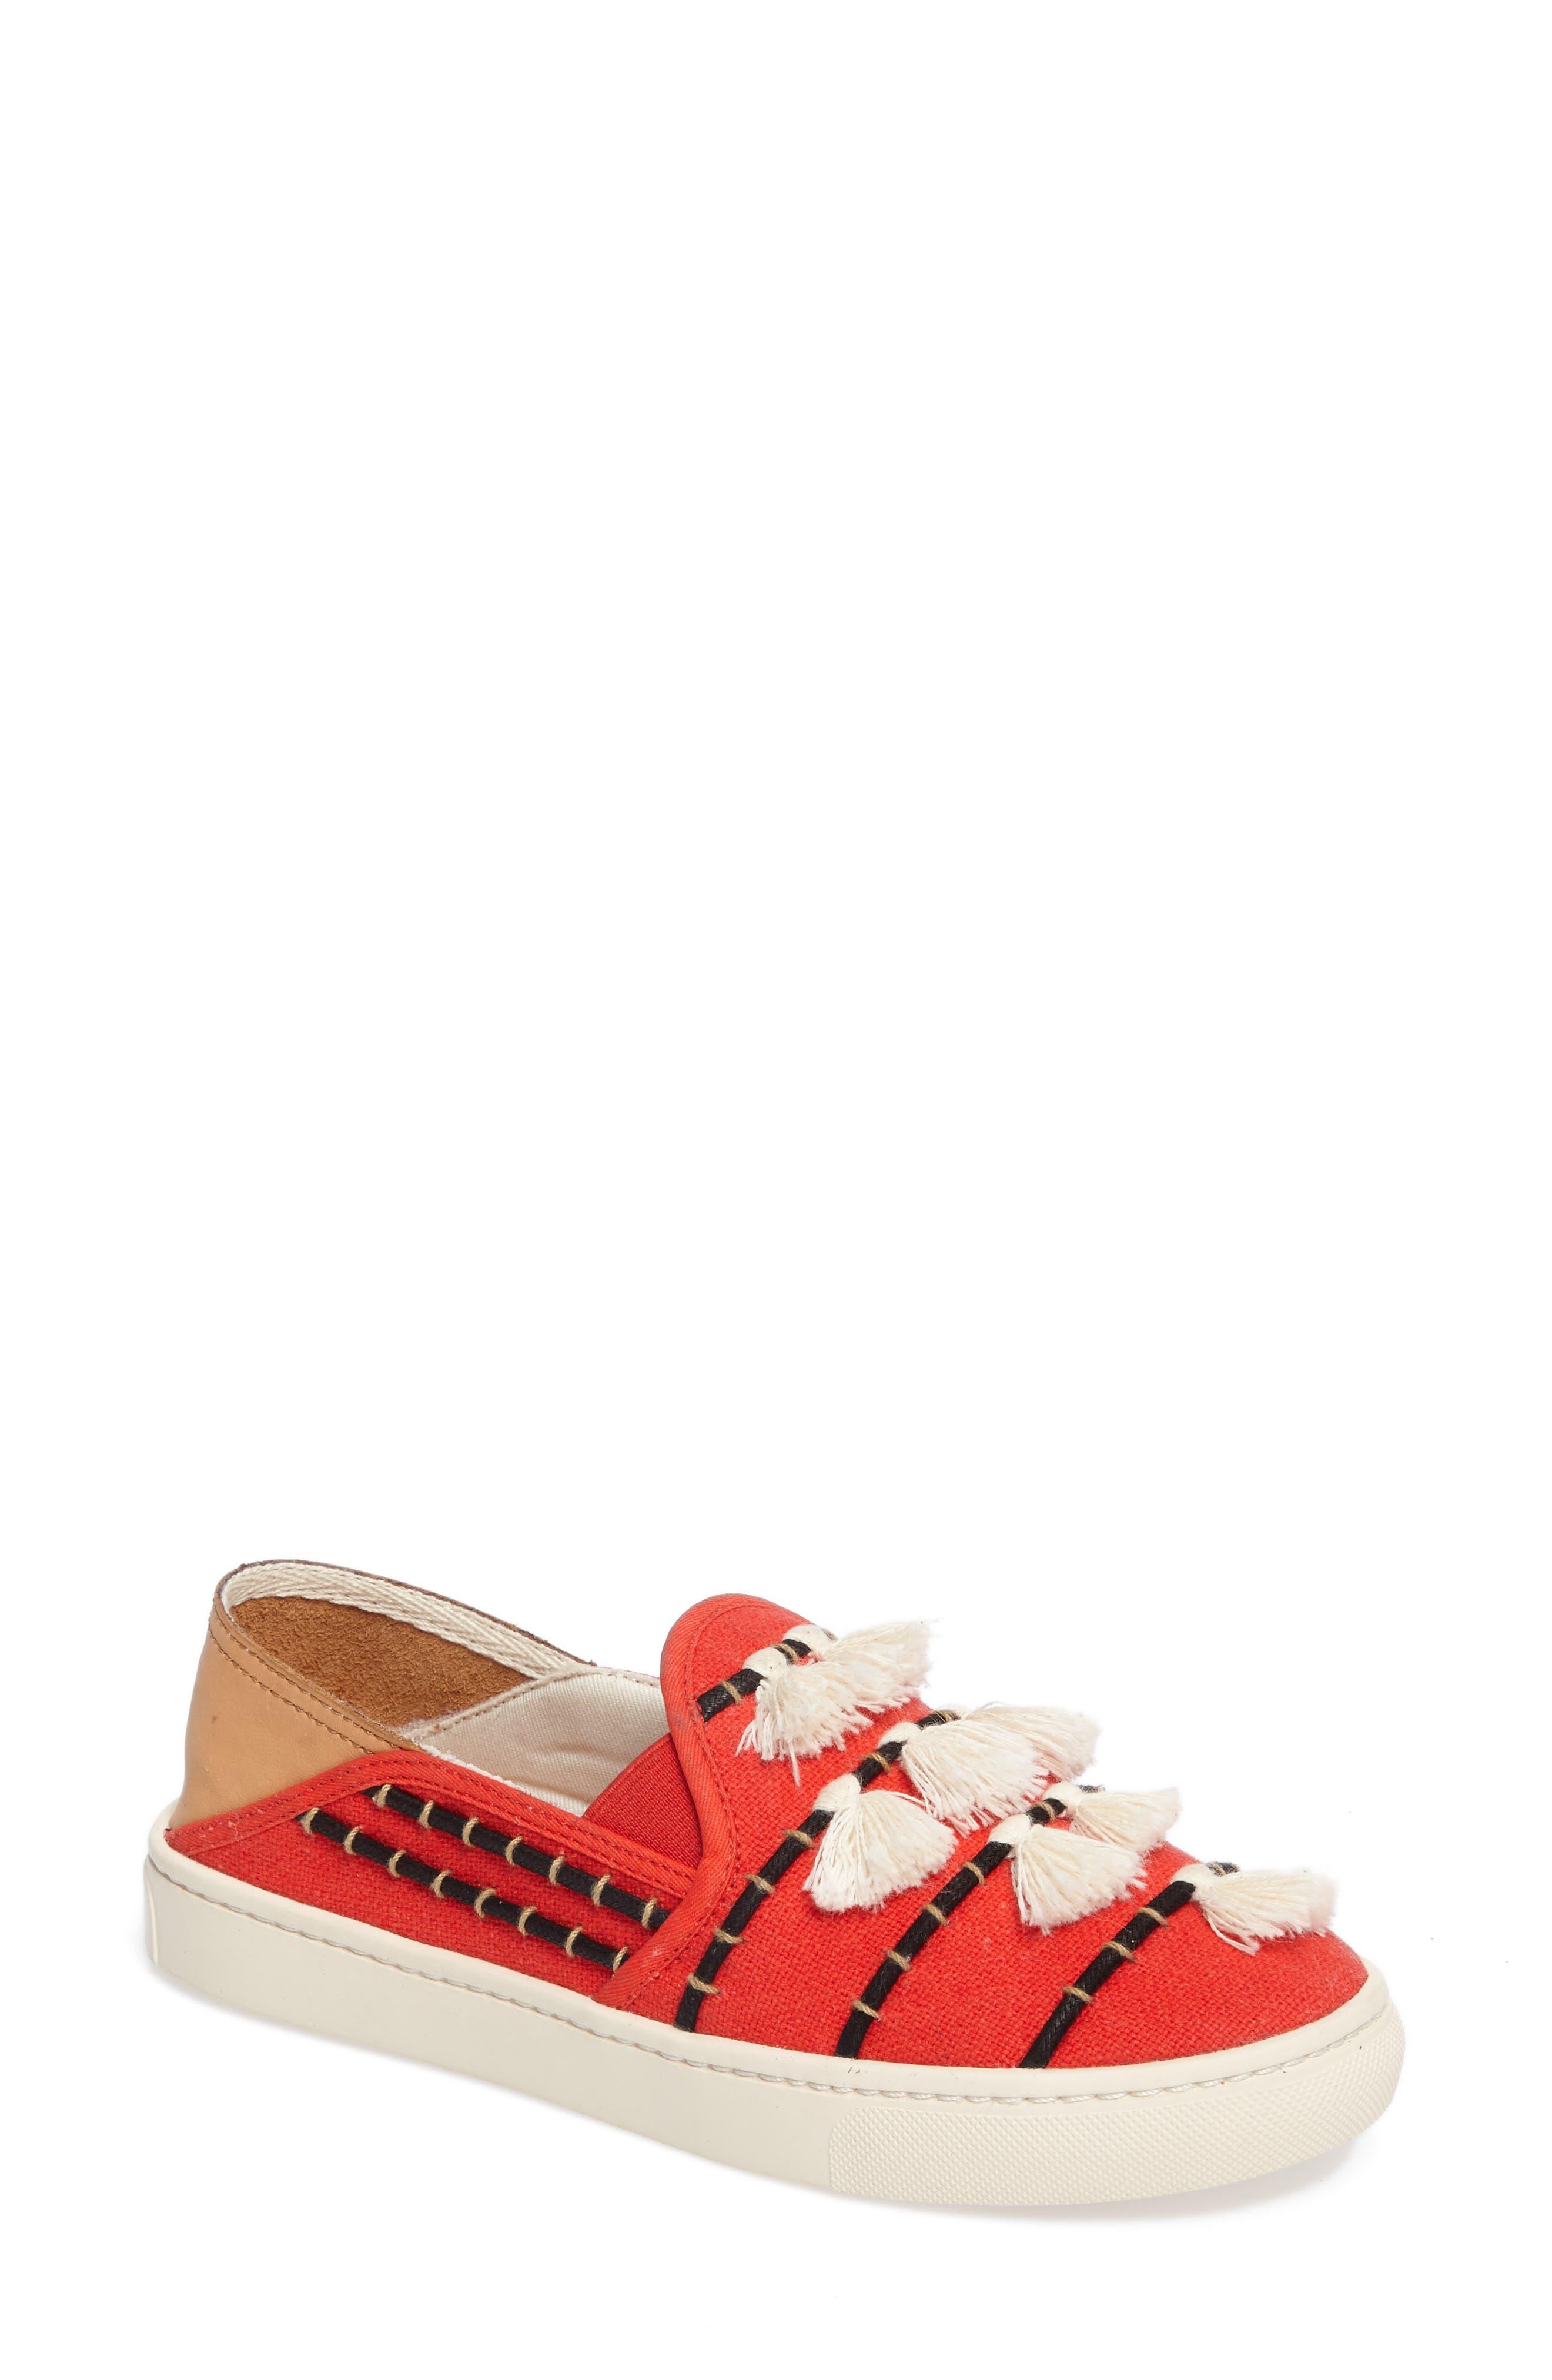 Tassel Slip-On Sneaker,                             Main thumbnail 1, color,                             603